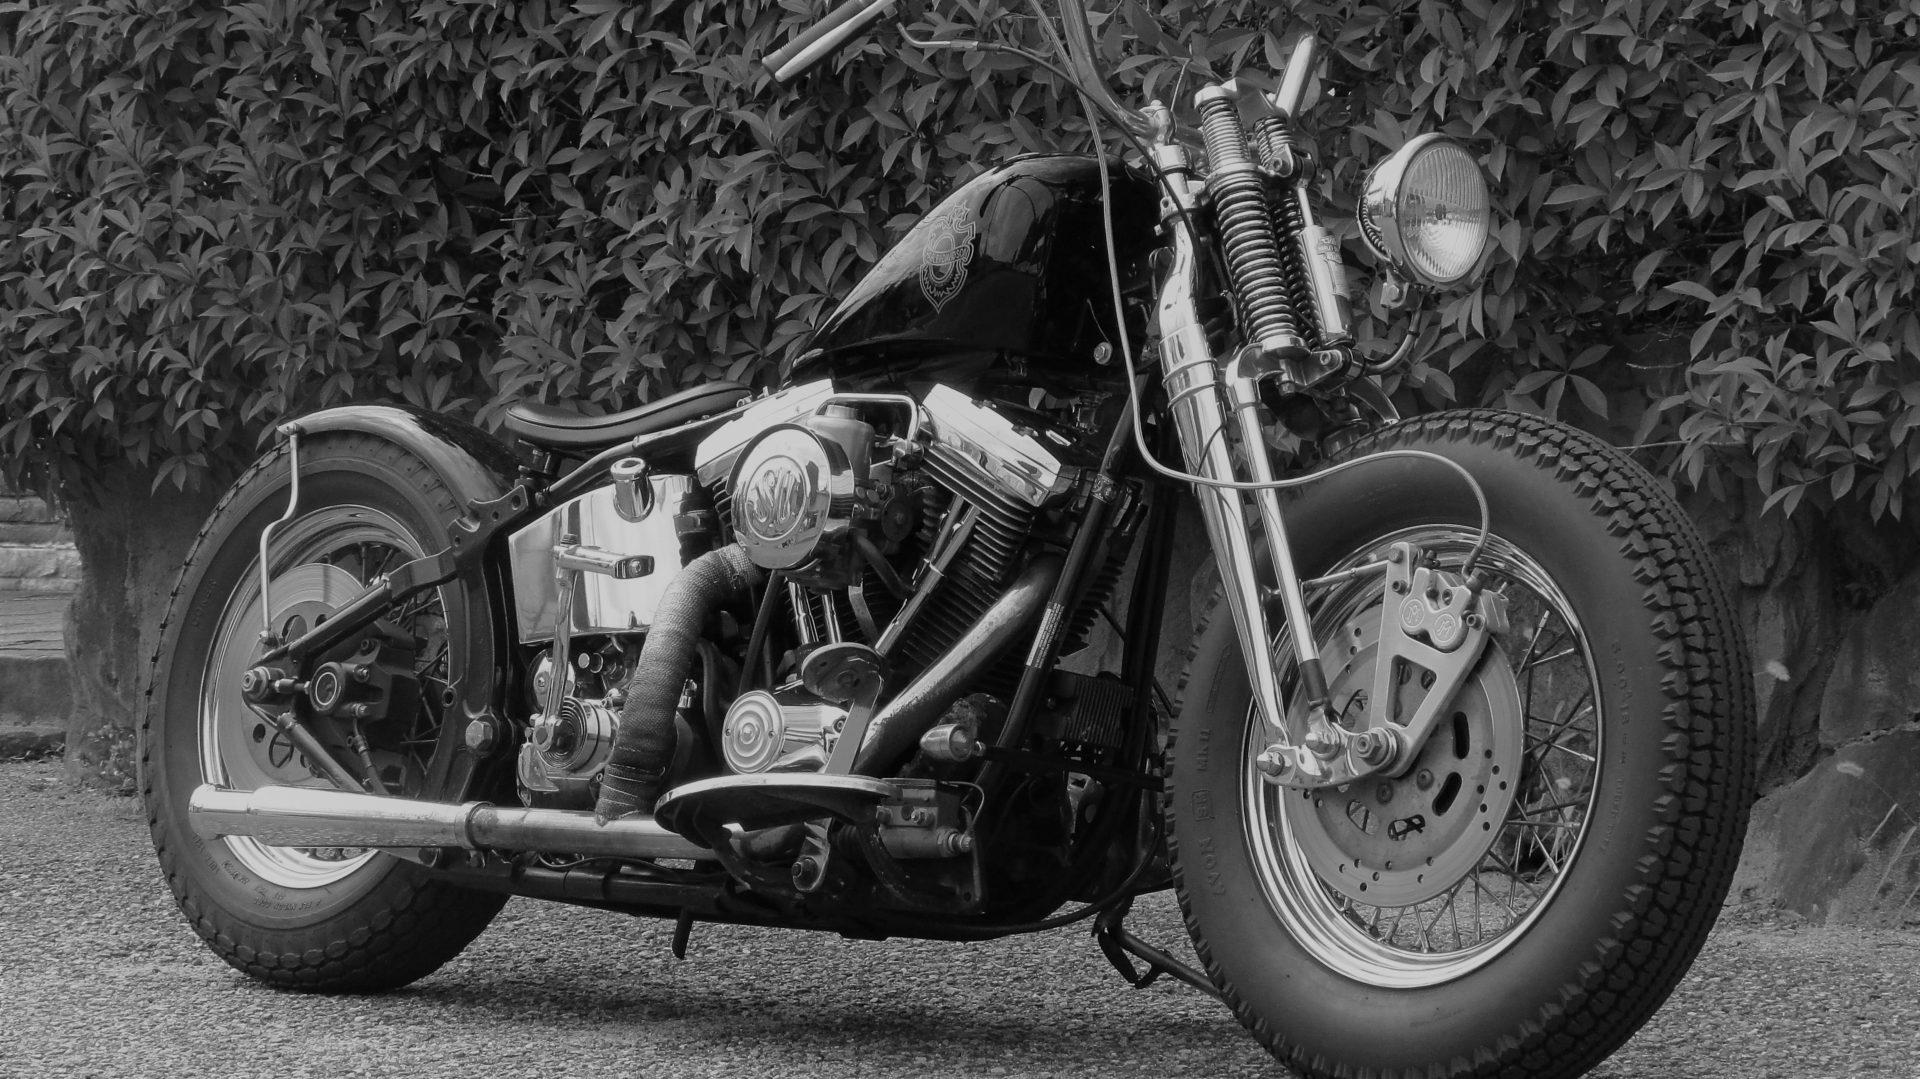 チョイスモーターサイクルズ|宝塚Harley-Davidson Service CHOICE MOTORCYCLES